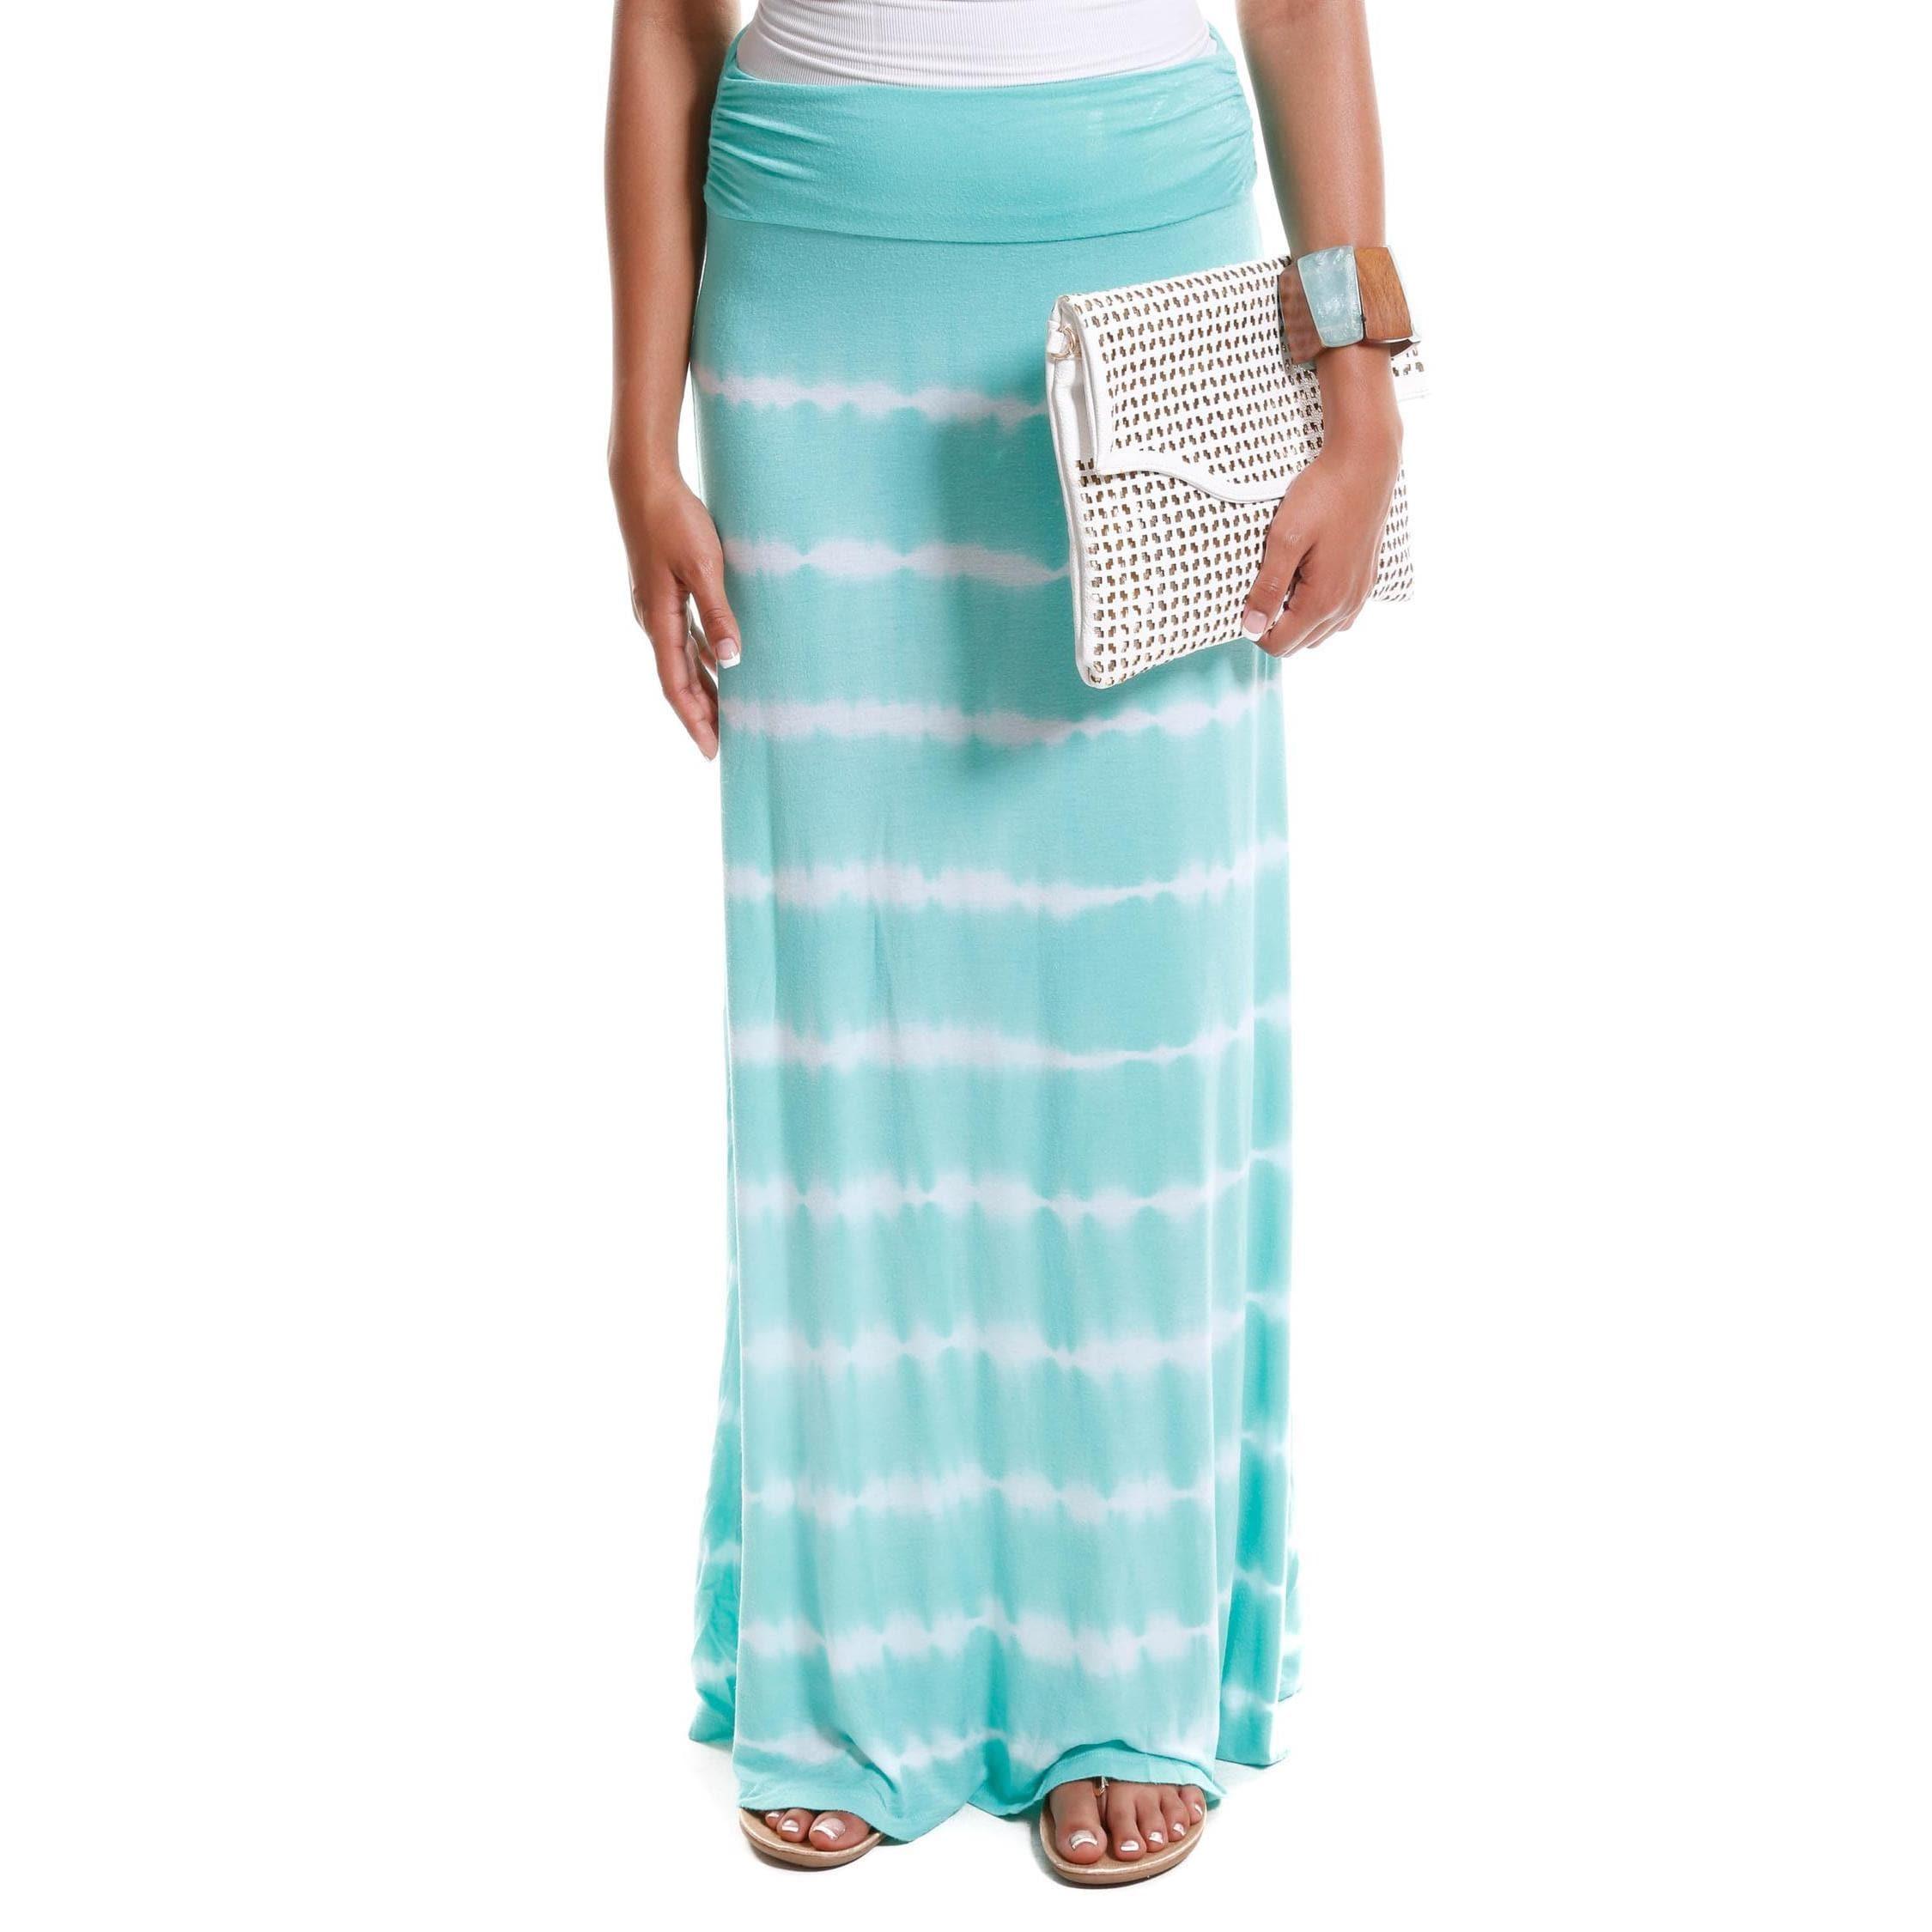 Hadari Women's Contemporary Tie-Dye Foldover Maxi Skirt (...